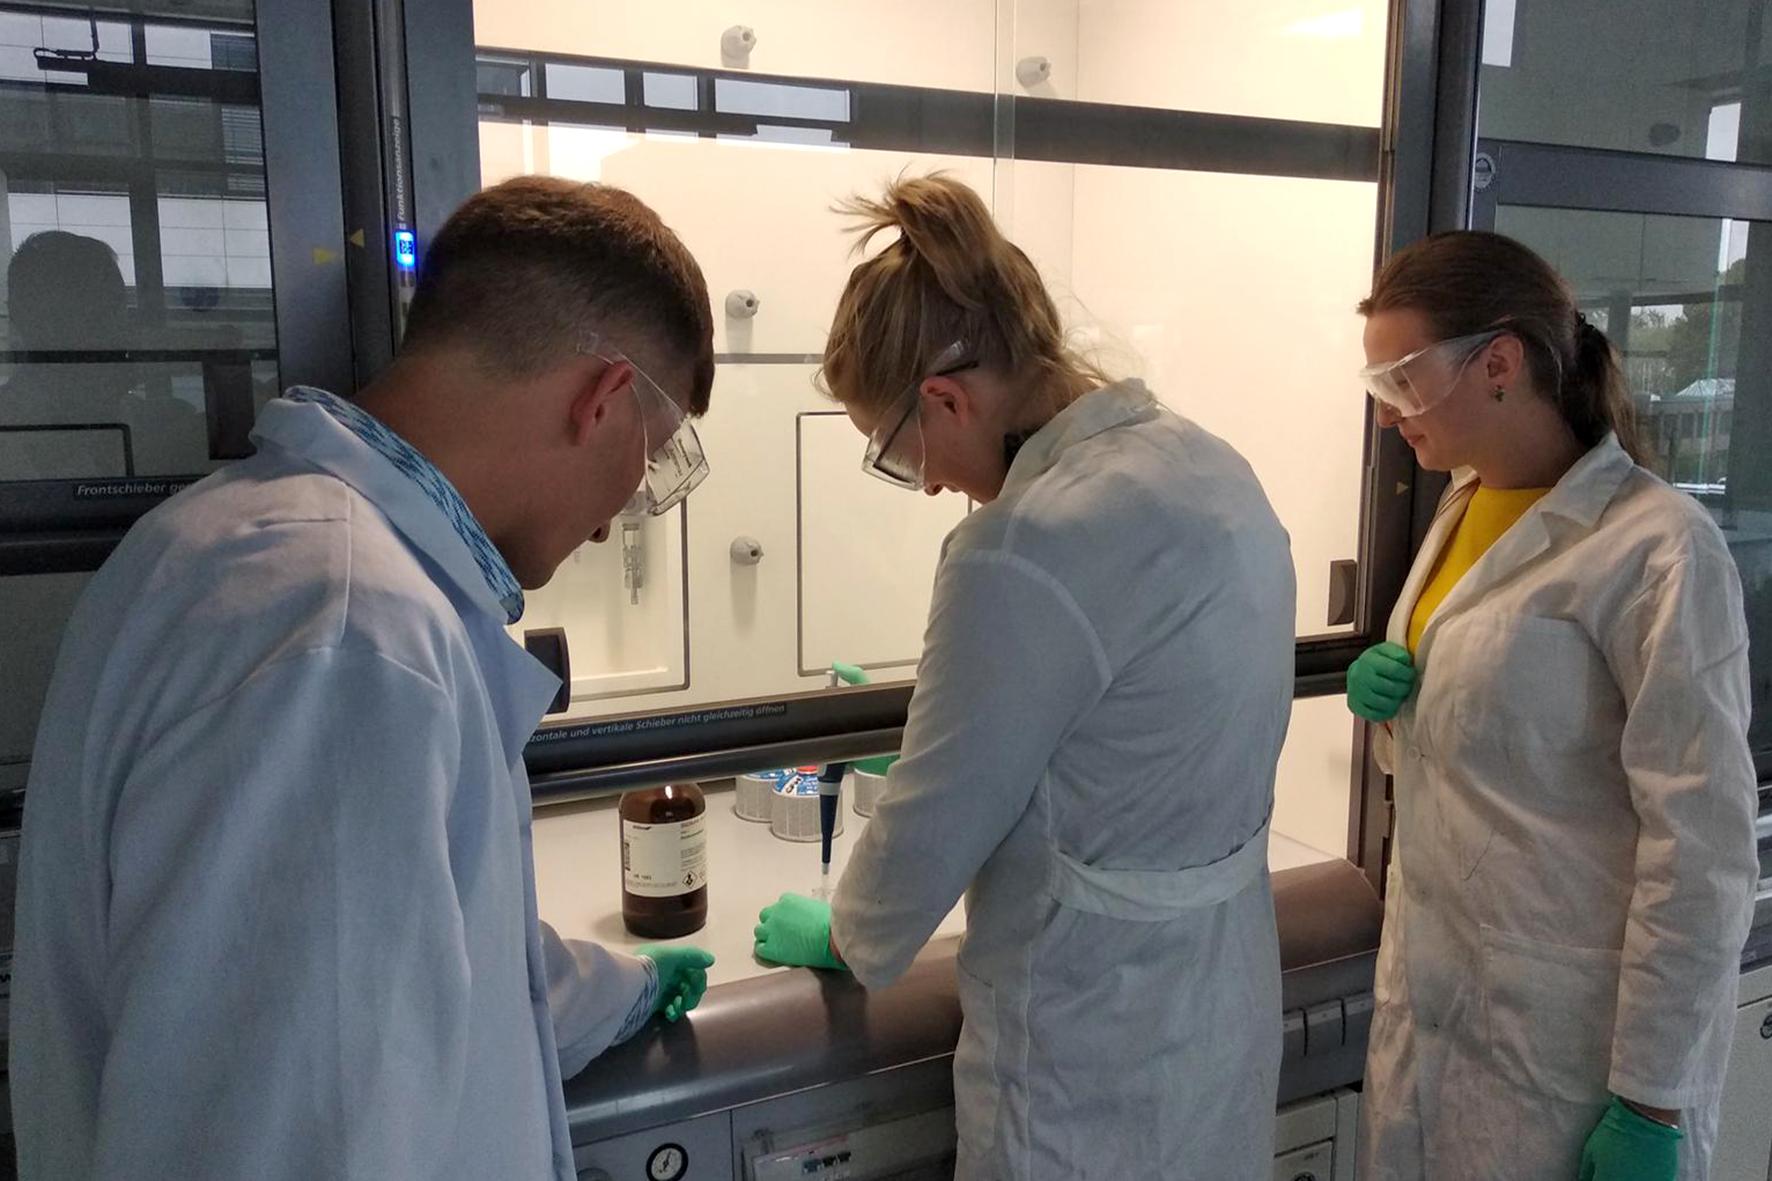 Die Mitarbeiter*innen des Projekts arbeiten in Kooperation an der Herstellung von hybriden Nanofasern zur Stärkung der Knochendichte. (Bild: Hochschule Rhein-Waal)